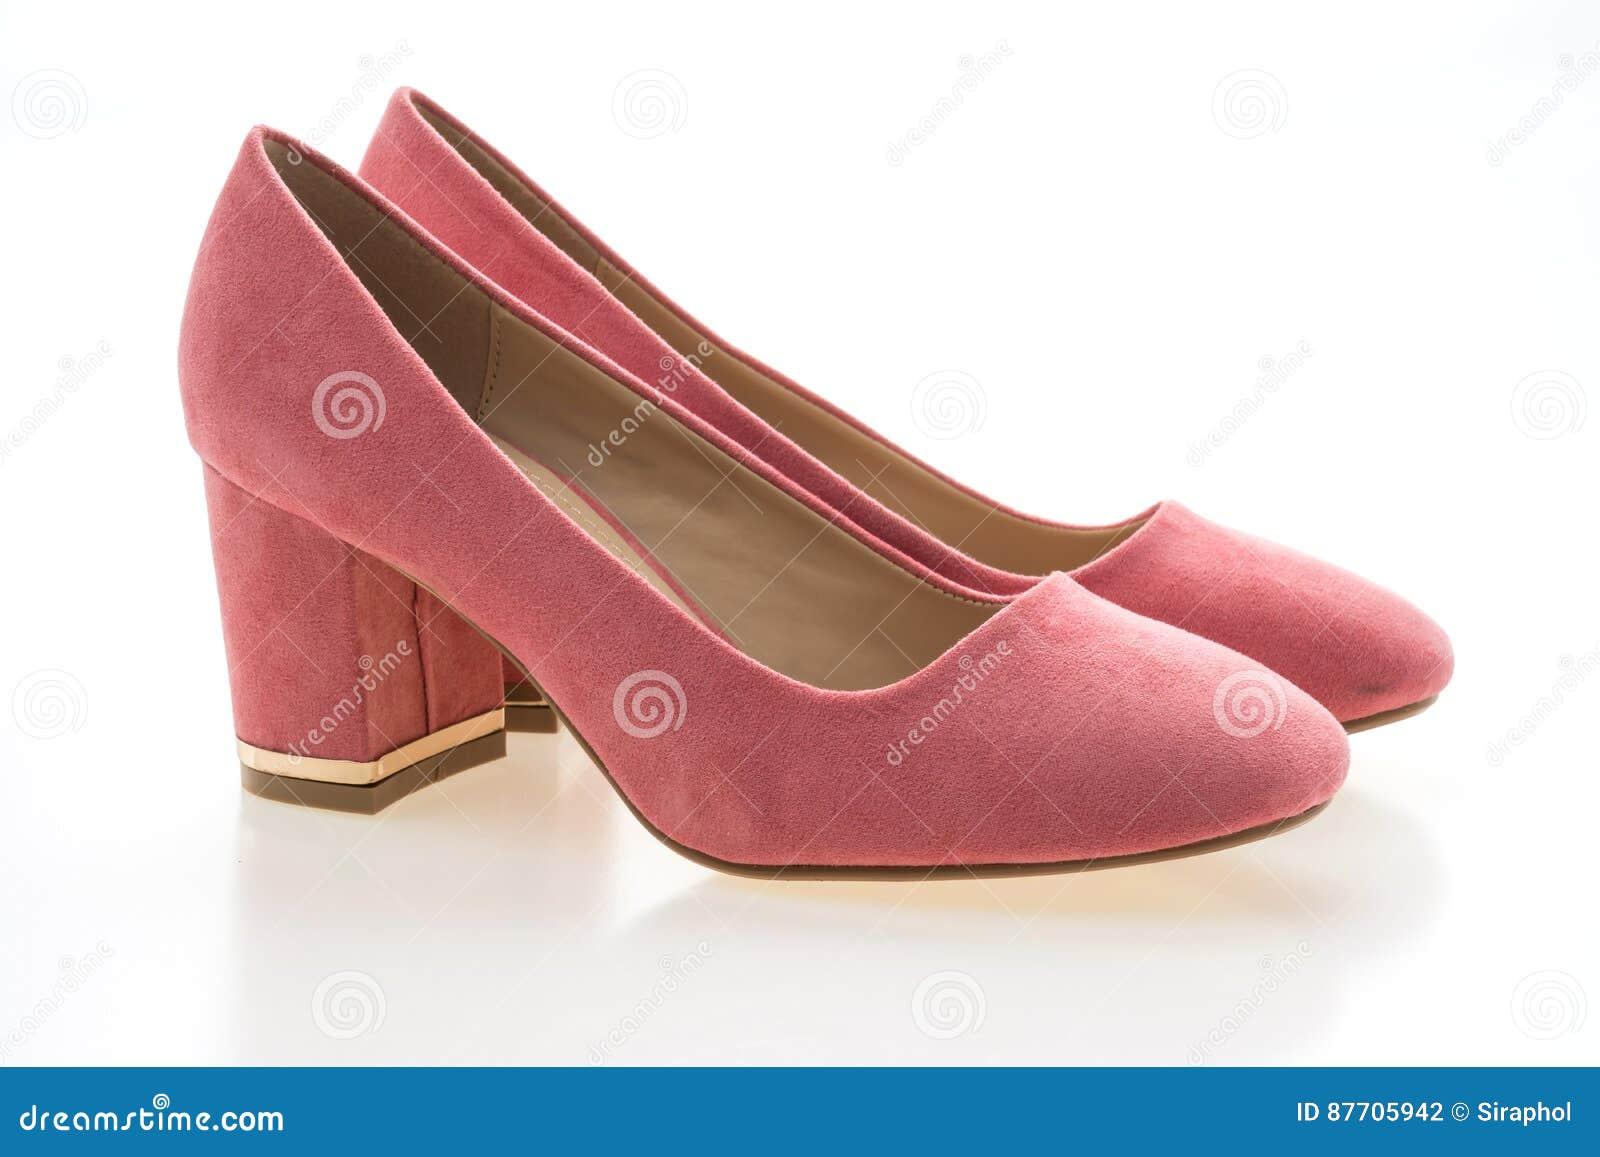 Chaussures de talon haut